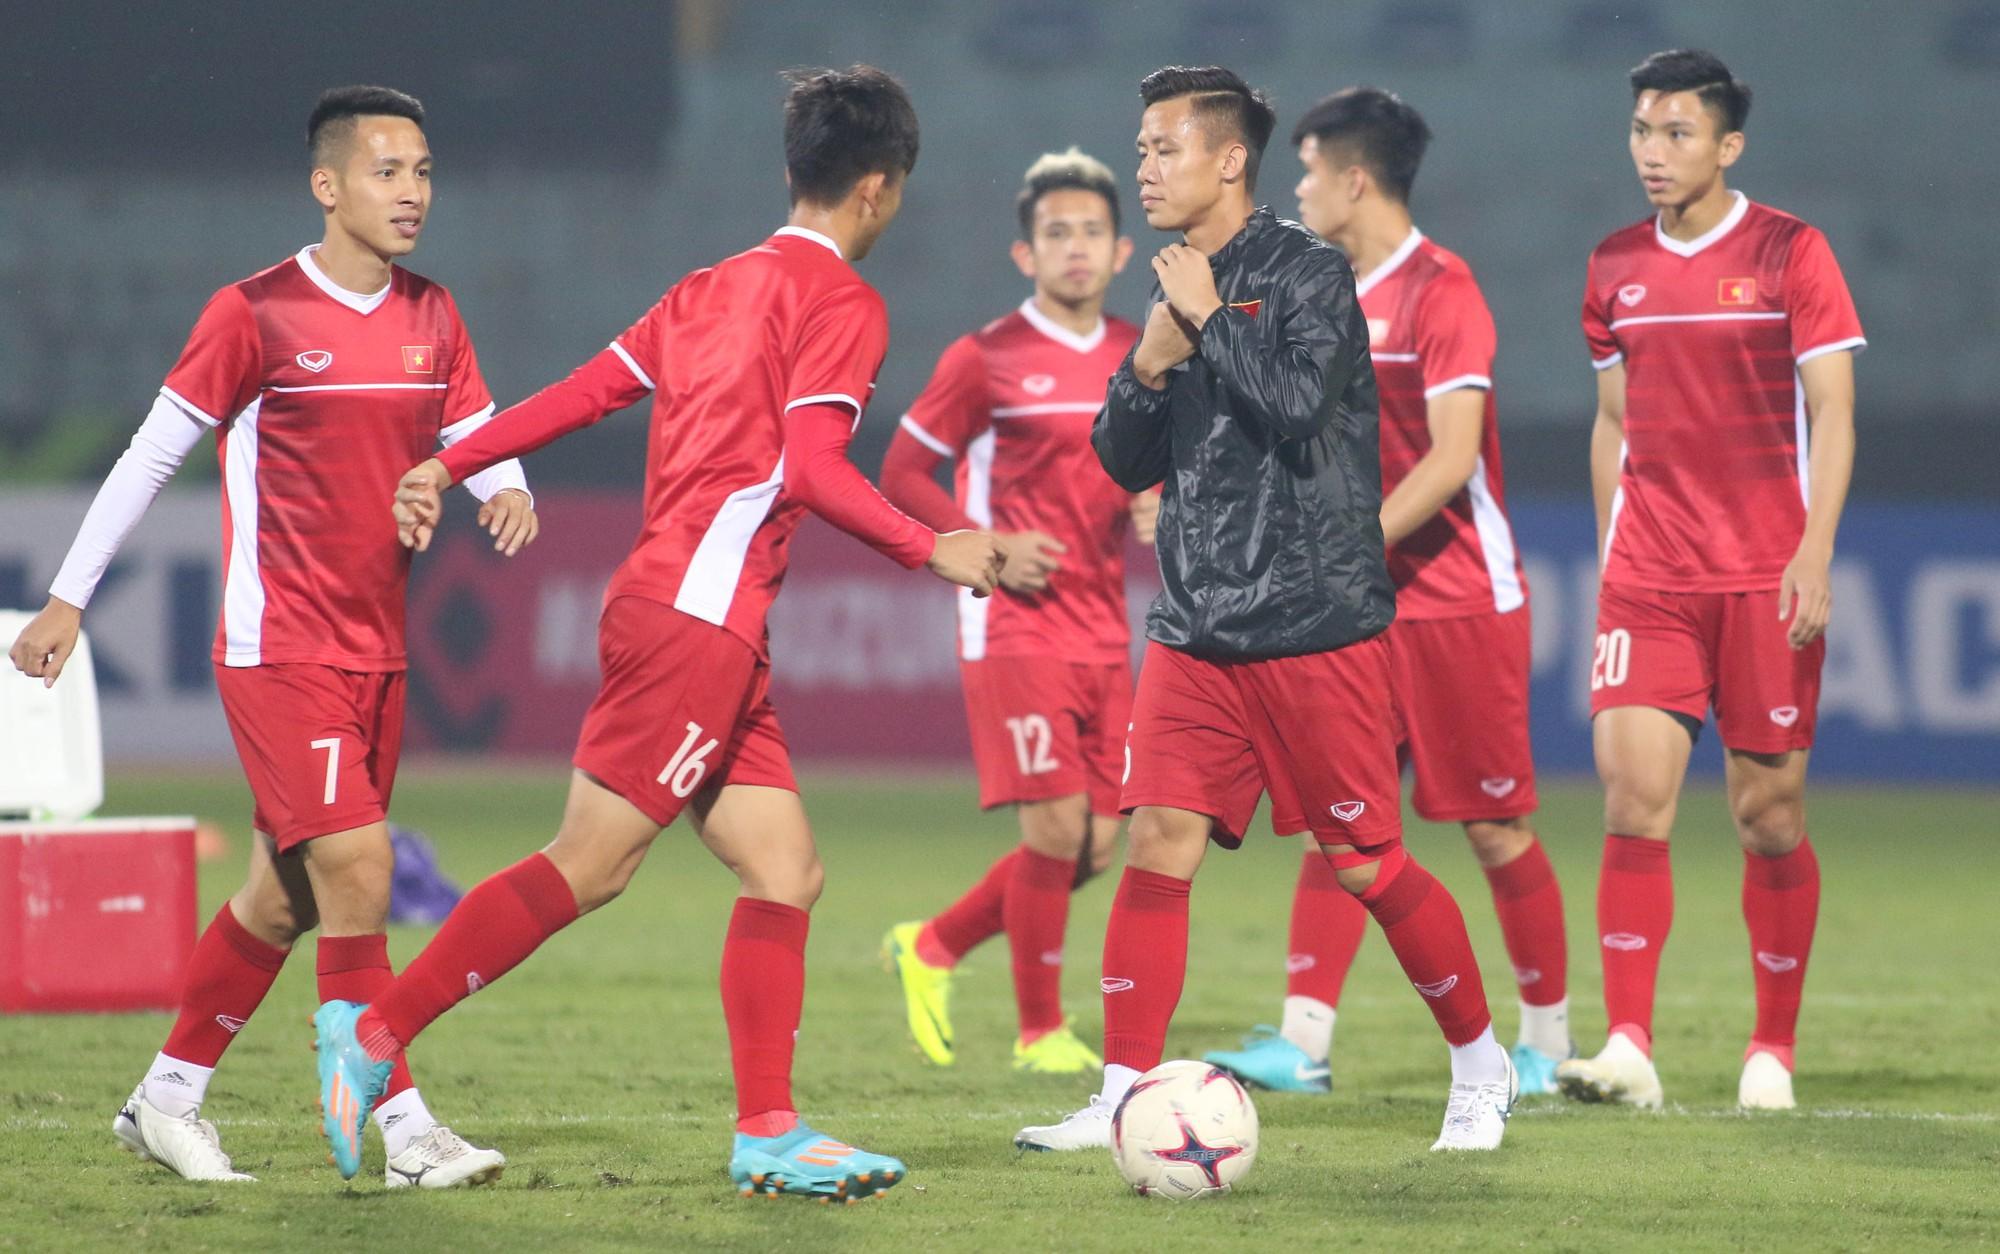 HLV Park Hang Seo cấm cầu thủ vượt rào trước trận gặp Campuchia - Ảnh 6.